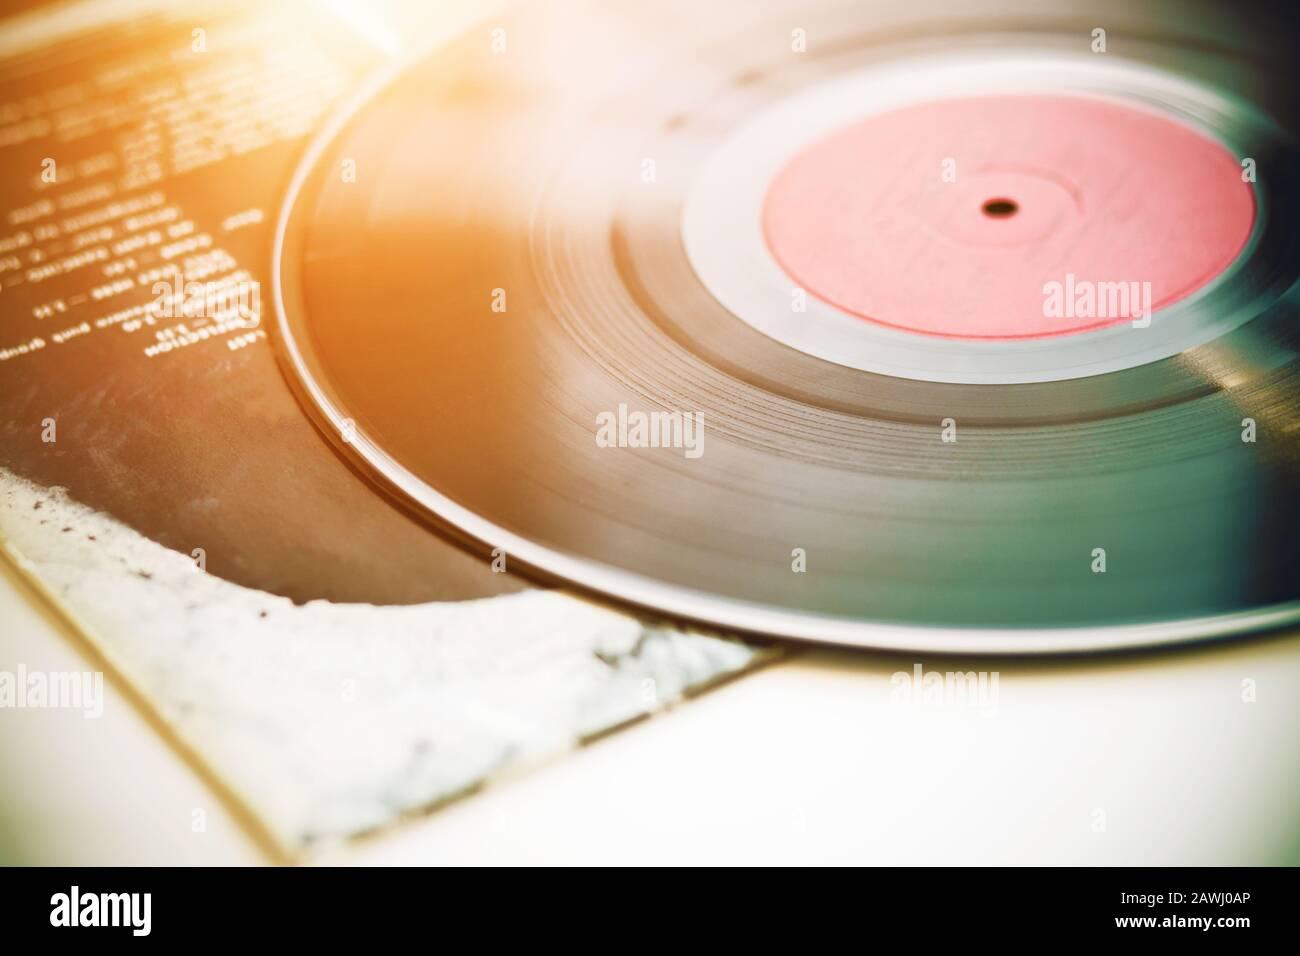 Un disque vinyle noir musical vintage se trouve sur la couverture papier d'un album de musique, éclairé par la lumière du soleil. Banque D'Images